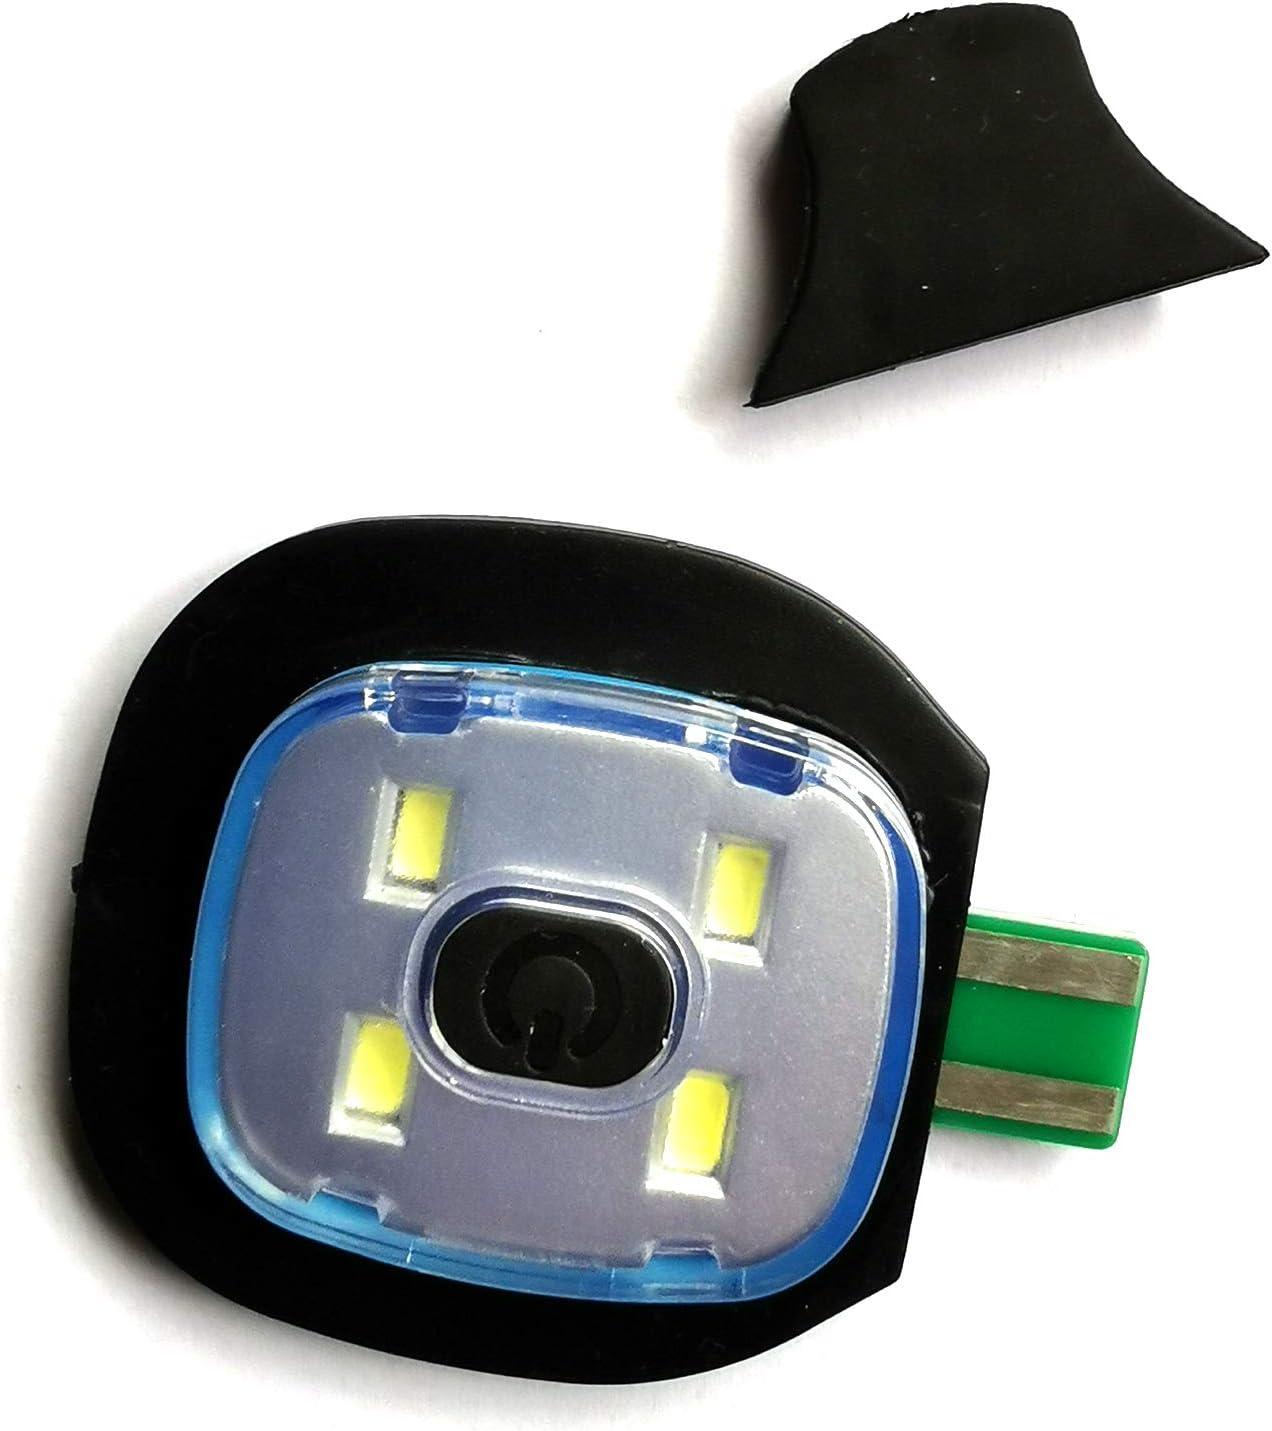 Doneioe Interfaz USB Deporte Sombrero de Tejer L/ámpara Oto/ño Invierno Temporada Deporte al Aire Libre Pesca Equitaci/ón Mantener Caliente Sombrero